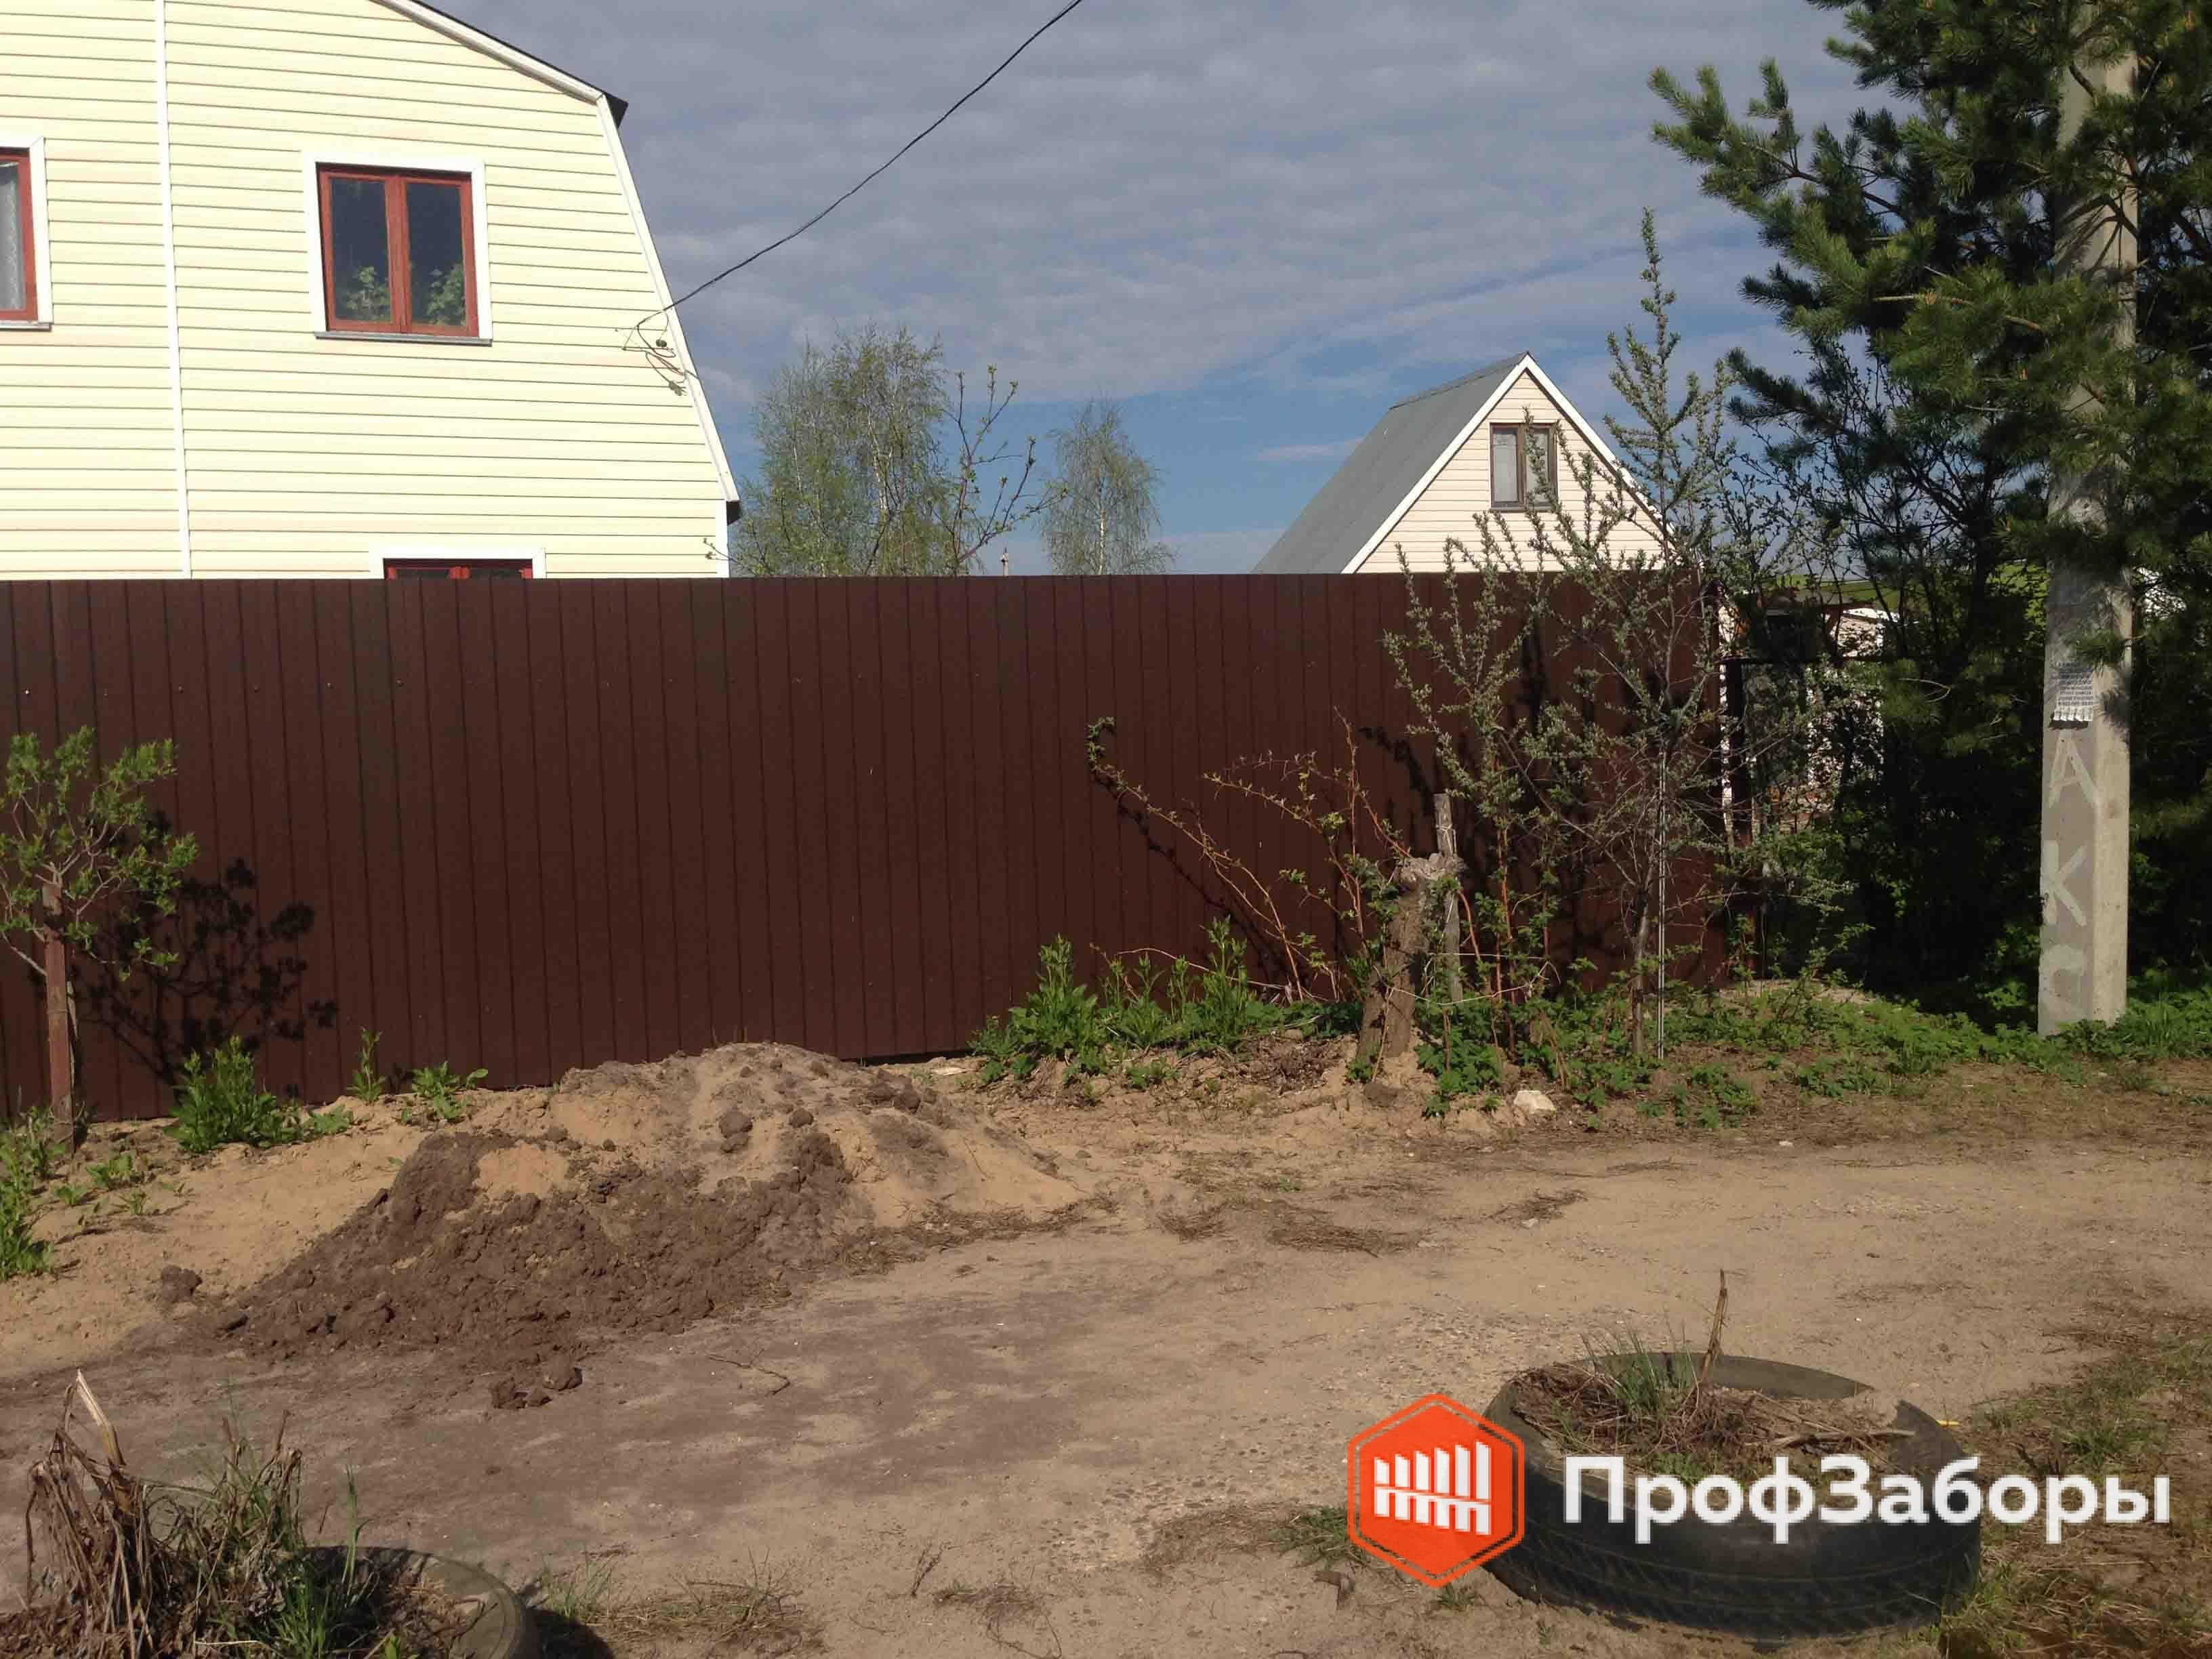 Заборы Из профнастила  - Одинцовский район. Фото 3